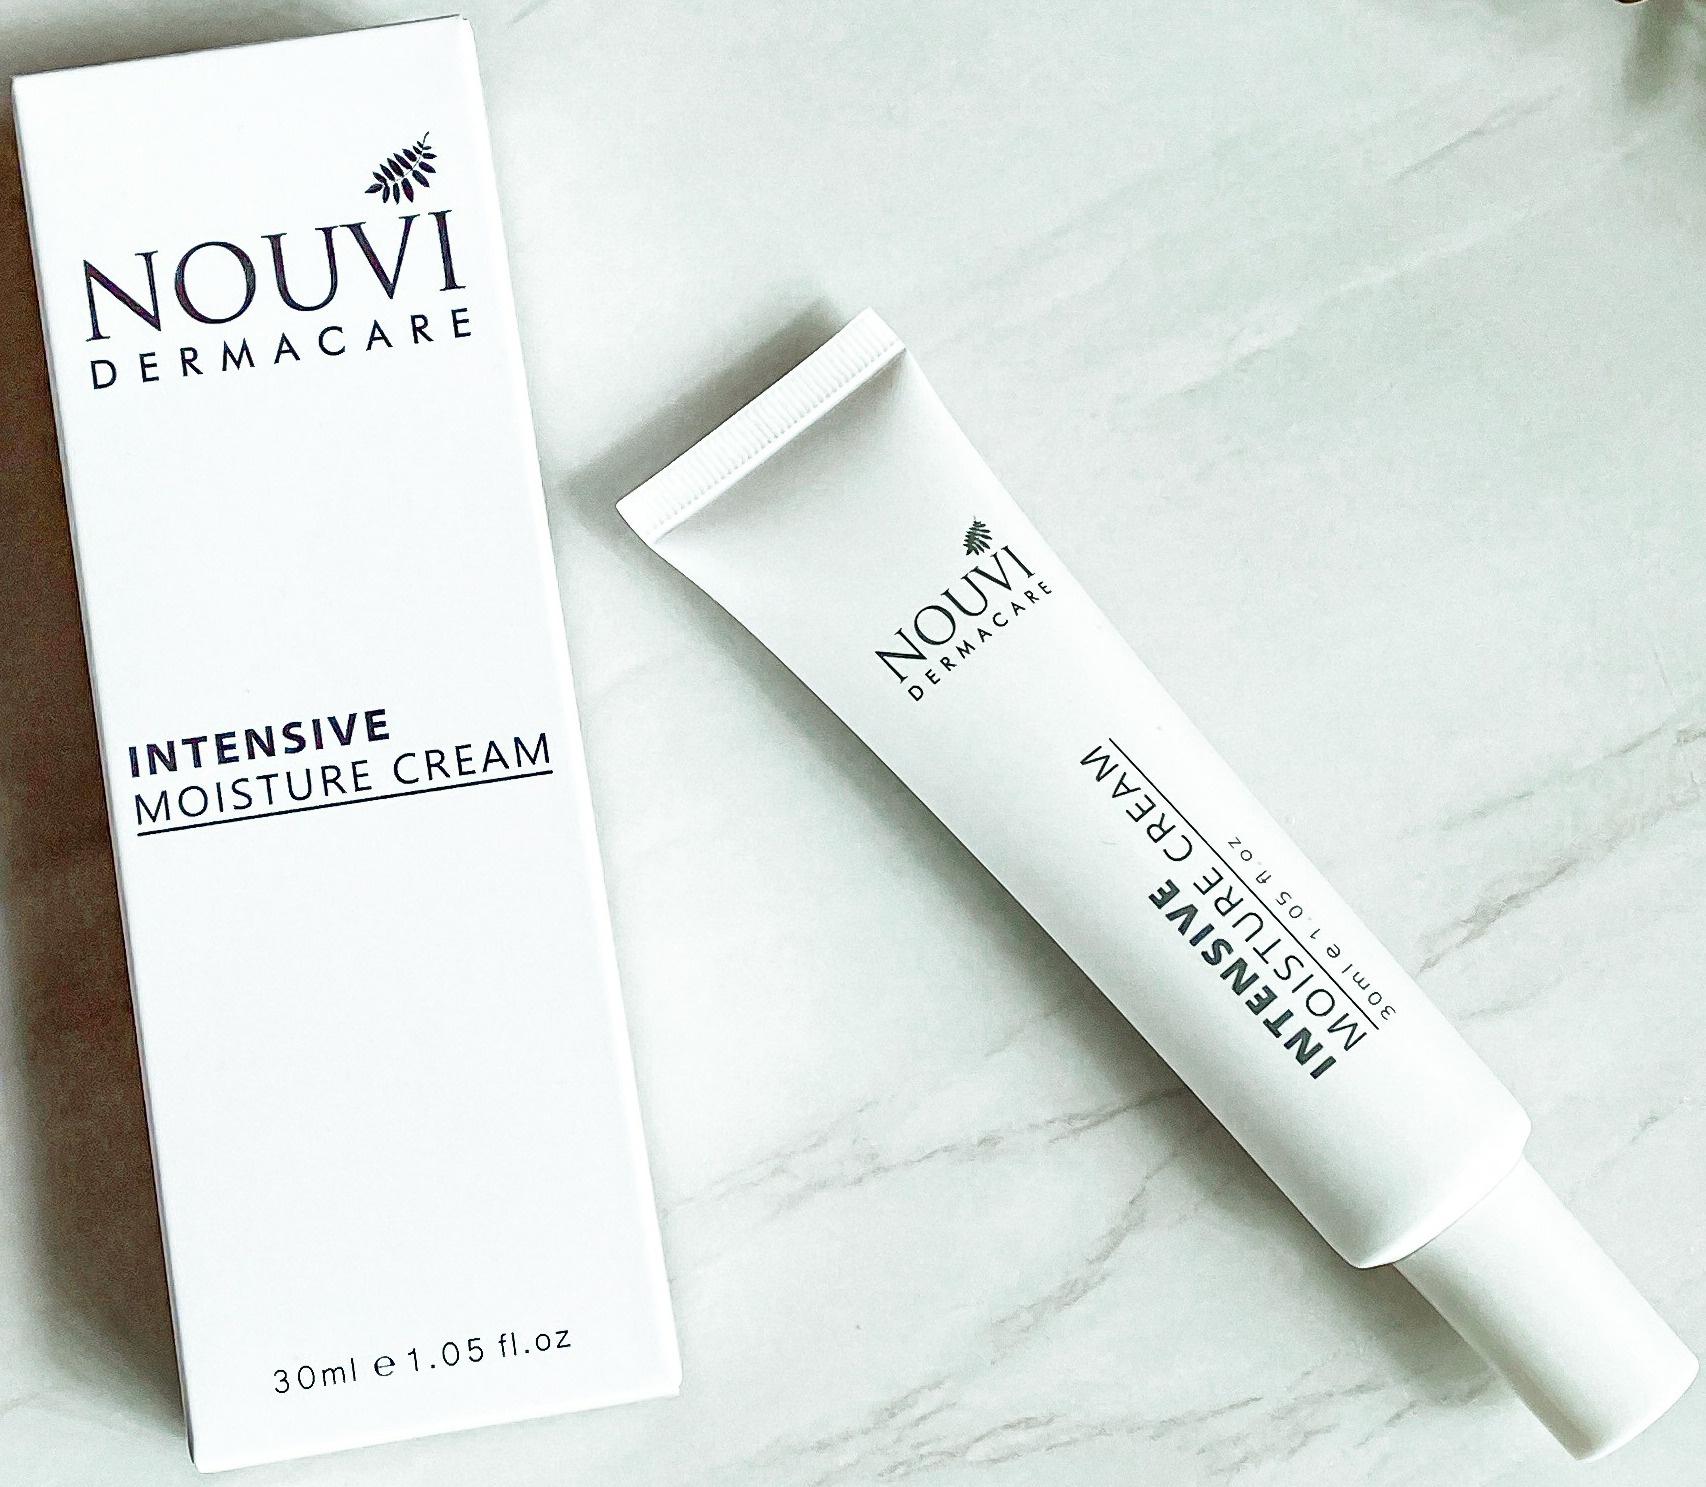 Nouvi Dermacare Intensive Moisture Cream